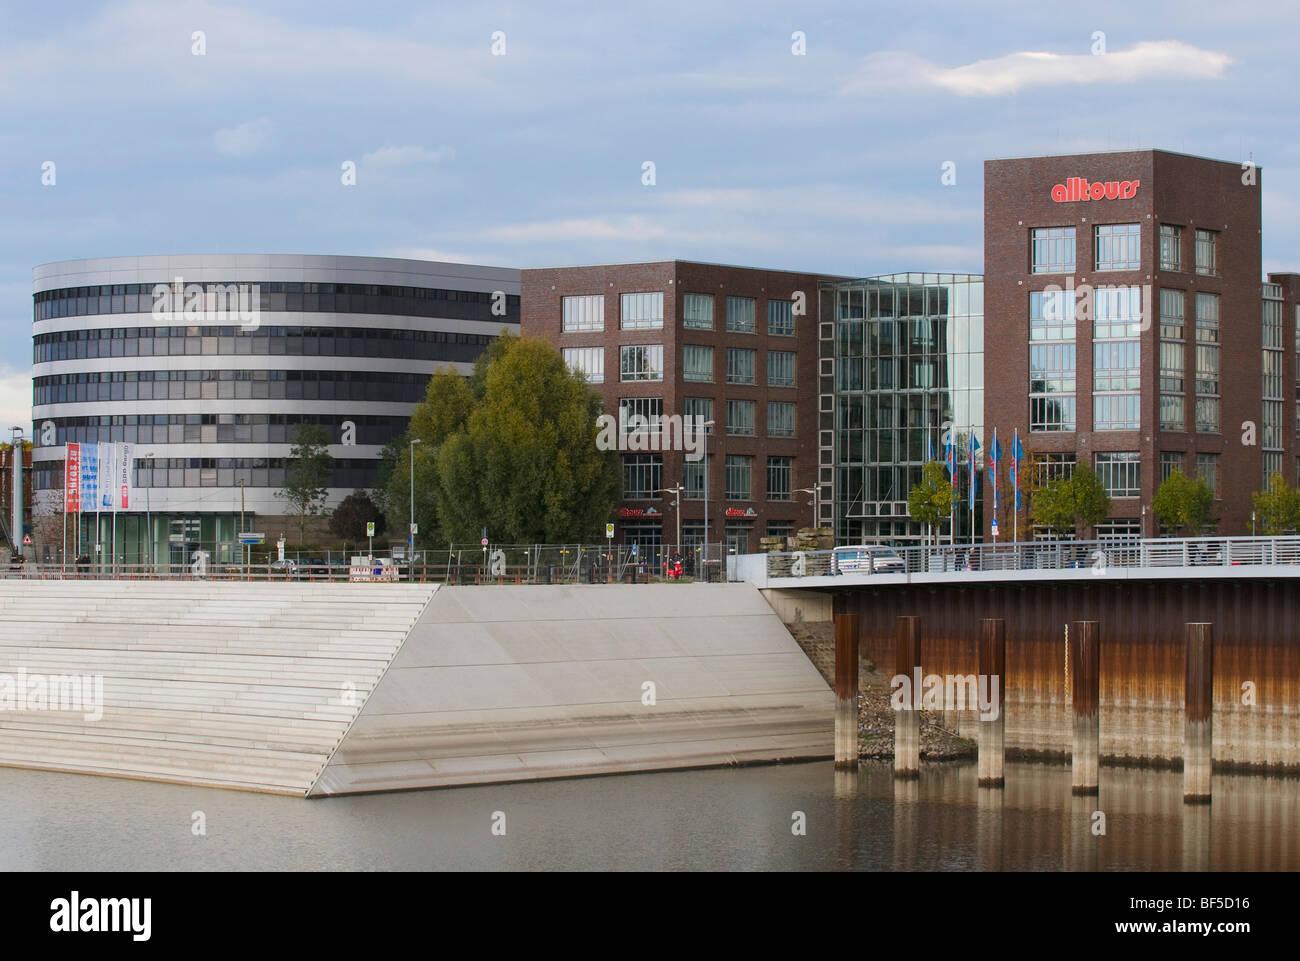 Alltours headquarters, Duisburg Inner Harbor, Alltours Travel Center, North Rhine-Westphalia, Germany, Europe - Stock Image